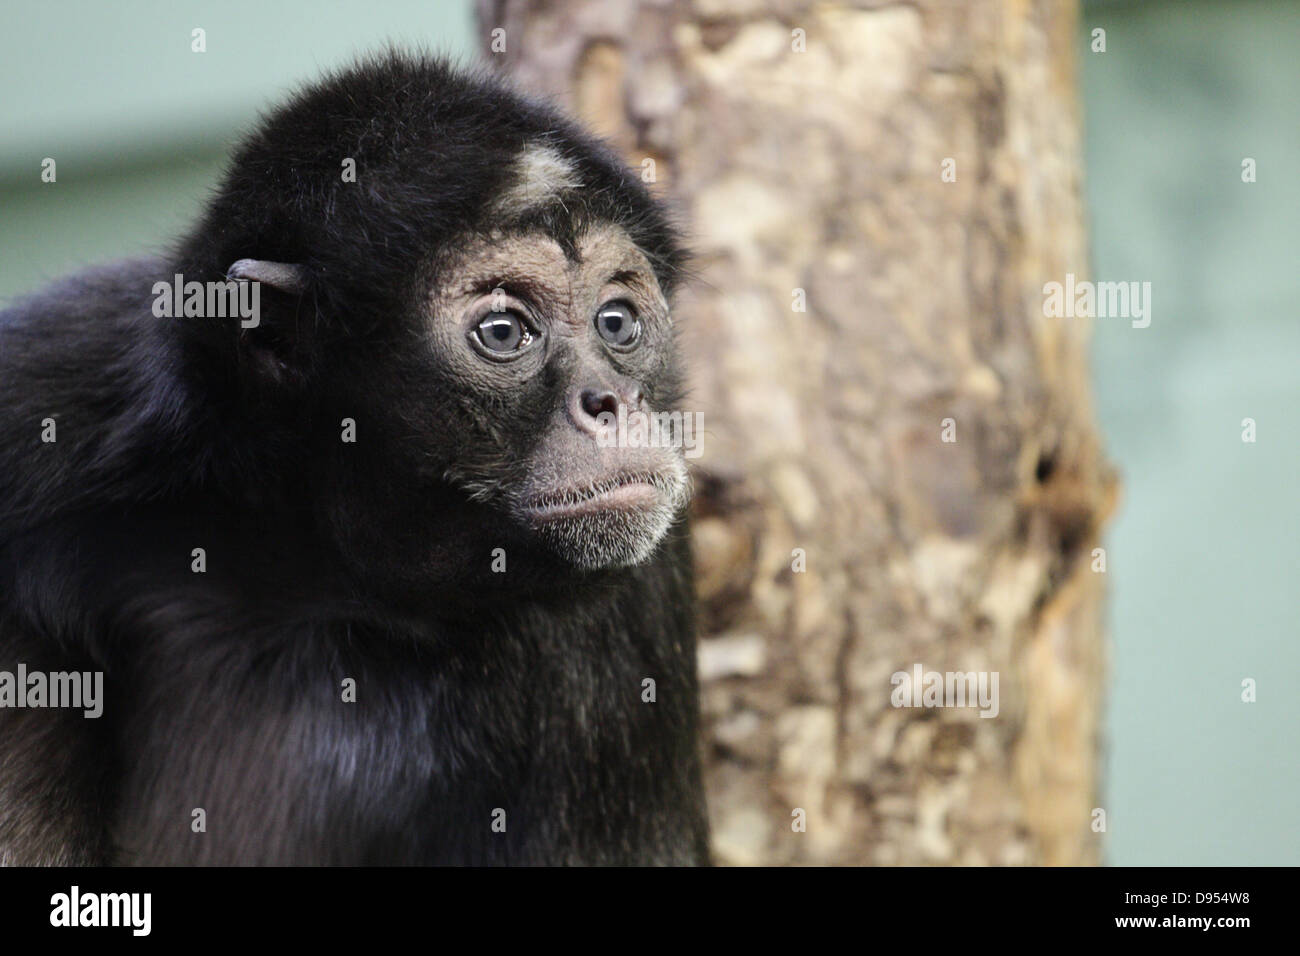 Monkey presso lo Zoo di Bristol. Immagini Stock